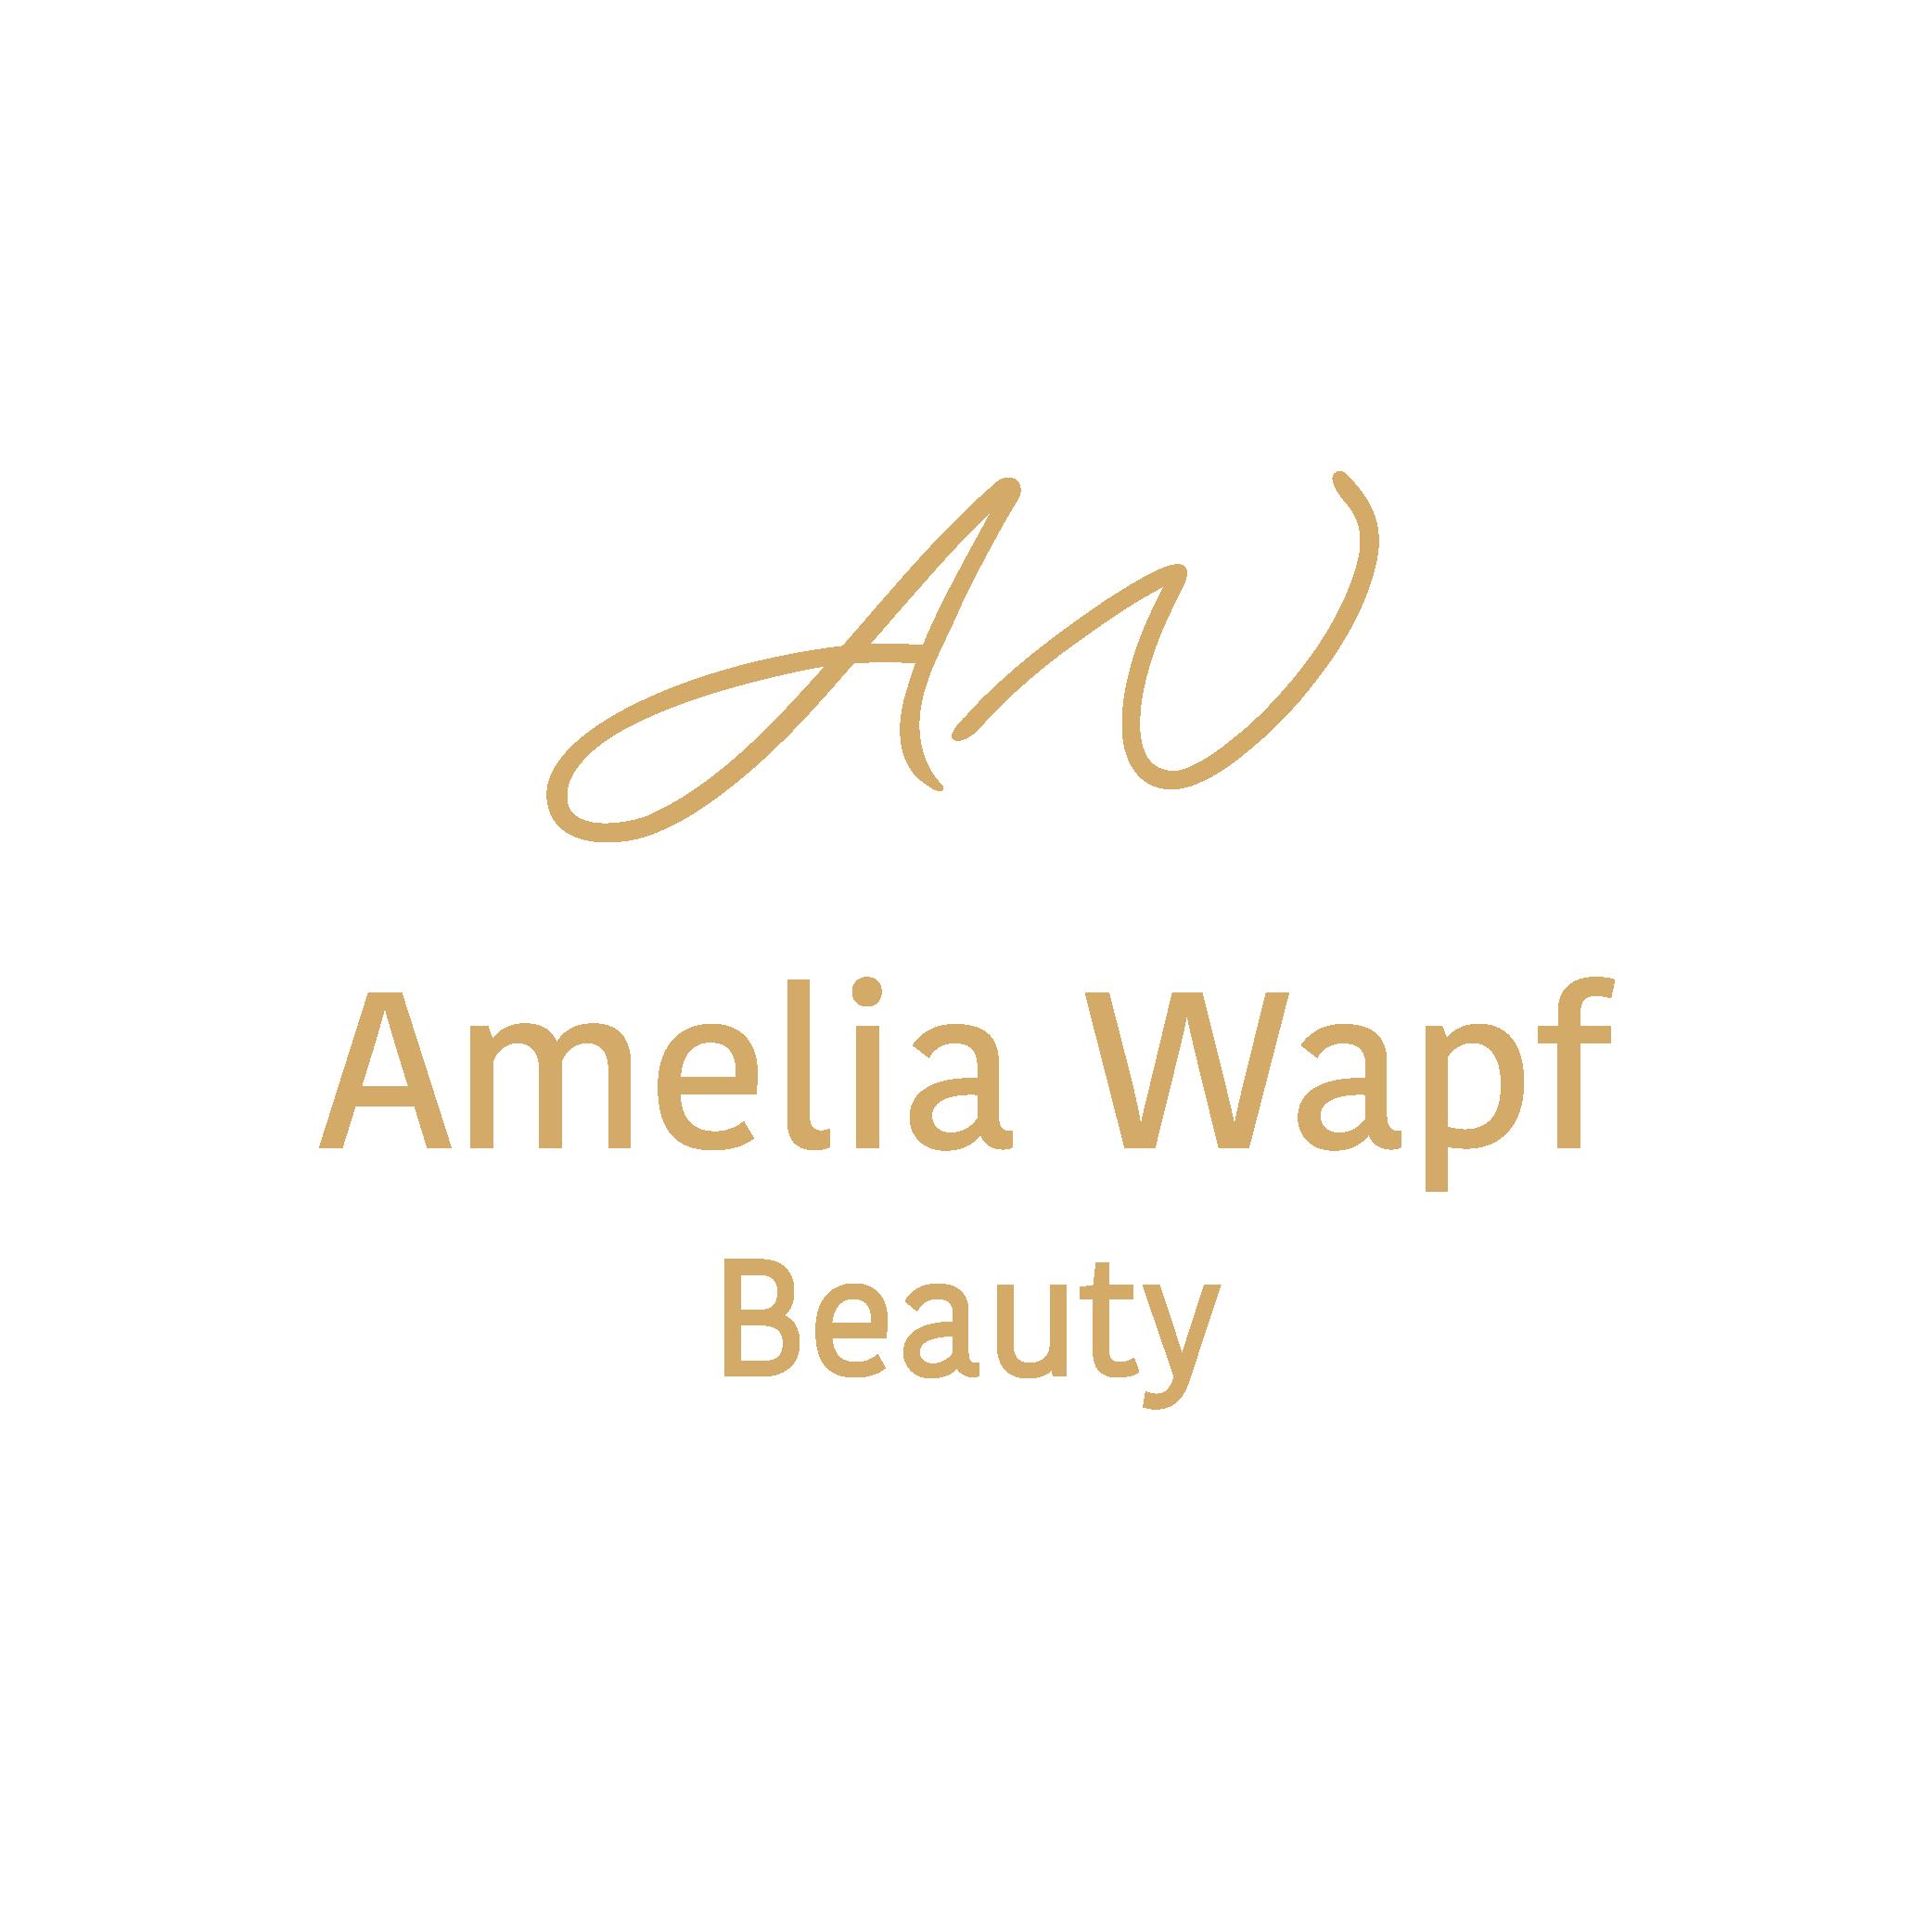 Amelia Wapf